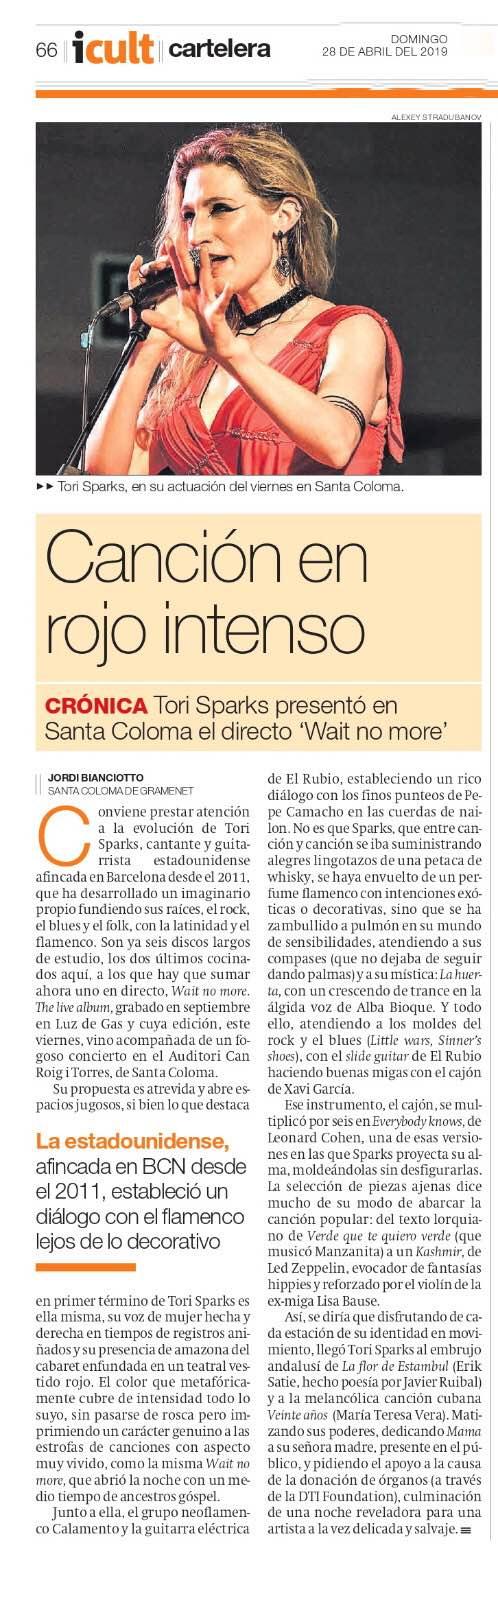 Tori Sparks El Periodico Wait No More Reseña Concierto Jordi Bianciotto